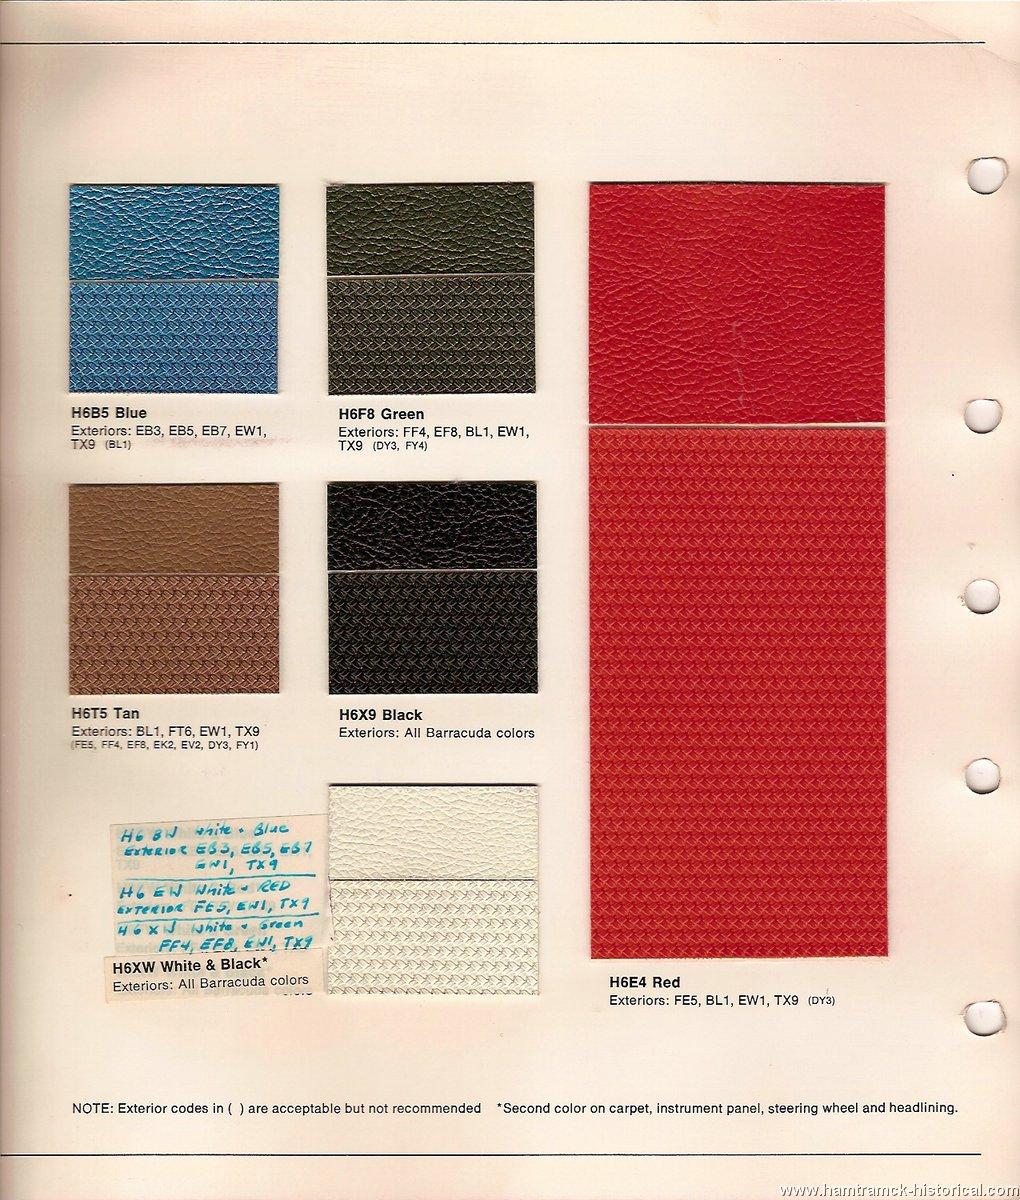 Subaru Wiring Diagram Color Codes - Not Lossing Wiring Diagram • - Subaru Wiring Diagram Color Codes